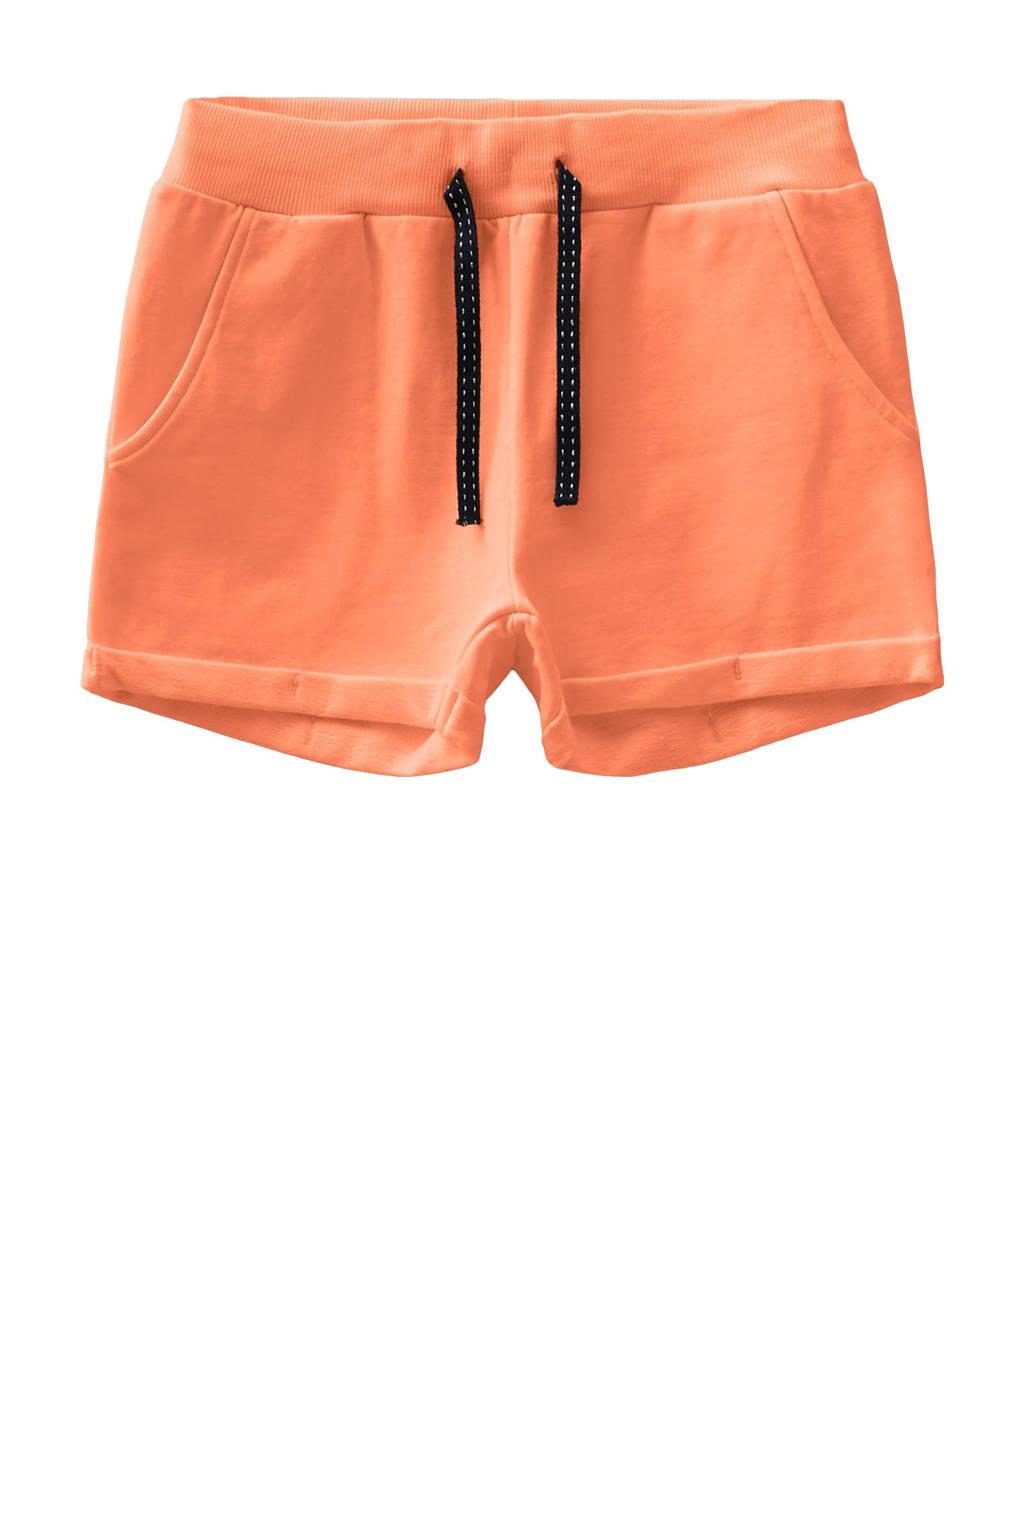 NAME IT KIDS slim fit short Volta met biologisch katoen oranje, Oranje